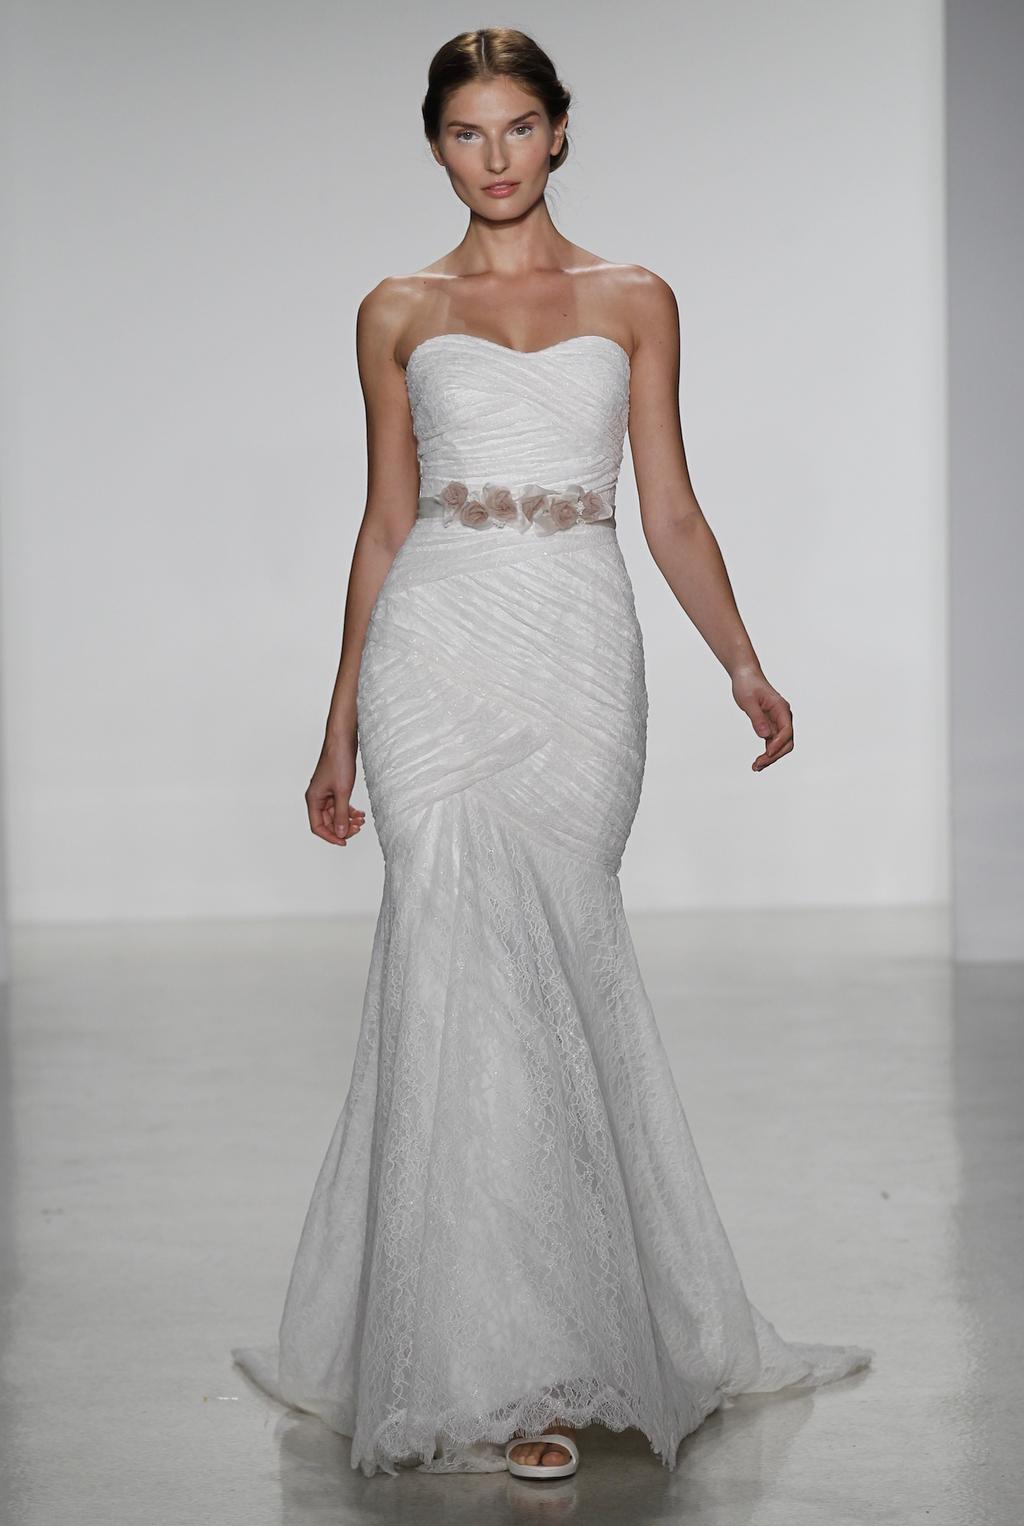 Rayna-wedding-dress-by-kelly-faetanini-fall-2014-bridal.full